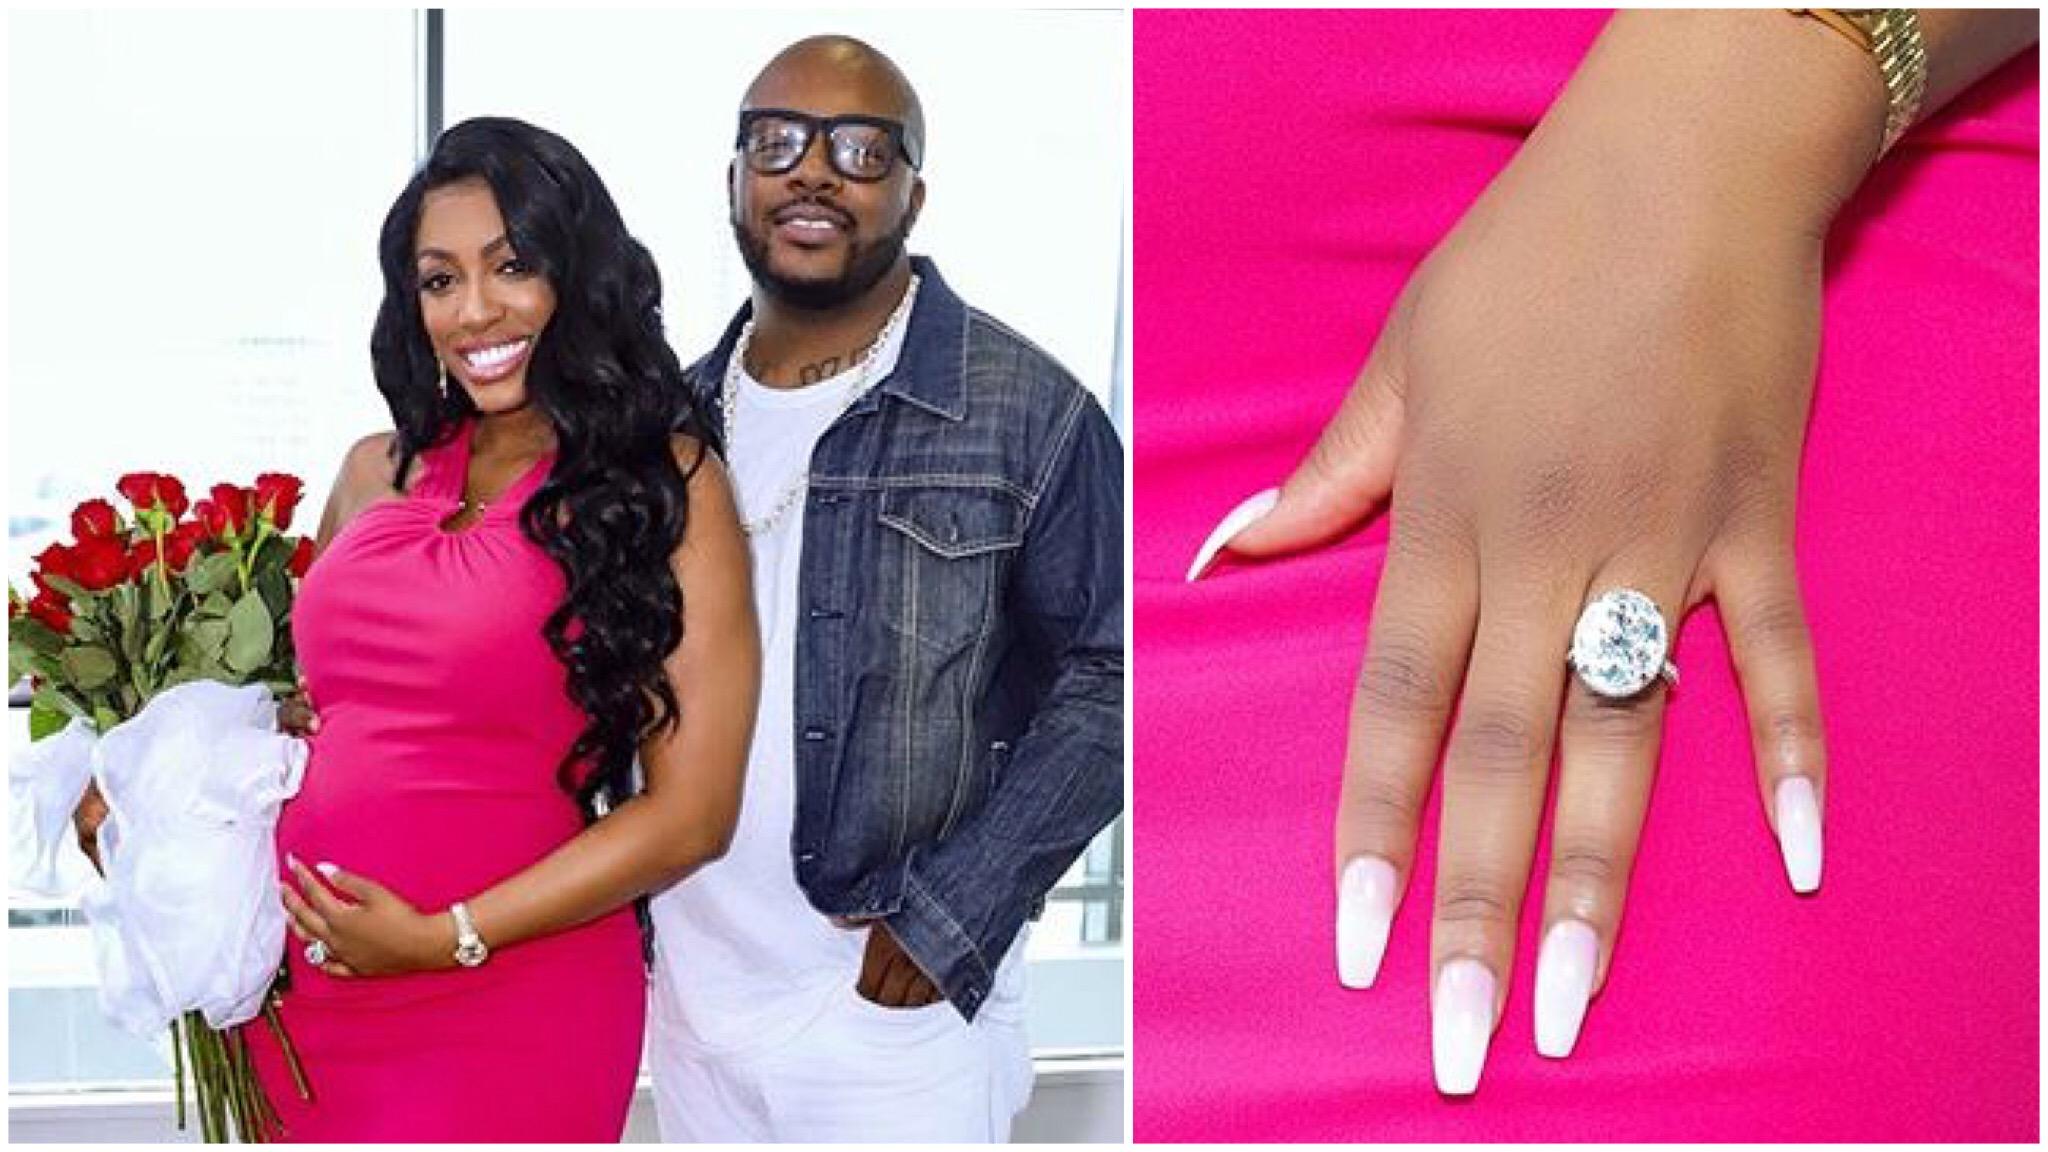 Pregnant Porsha Williams Is Engaged To Boyfriend Dennis McKinley